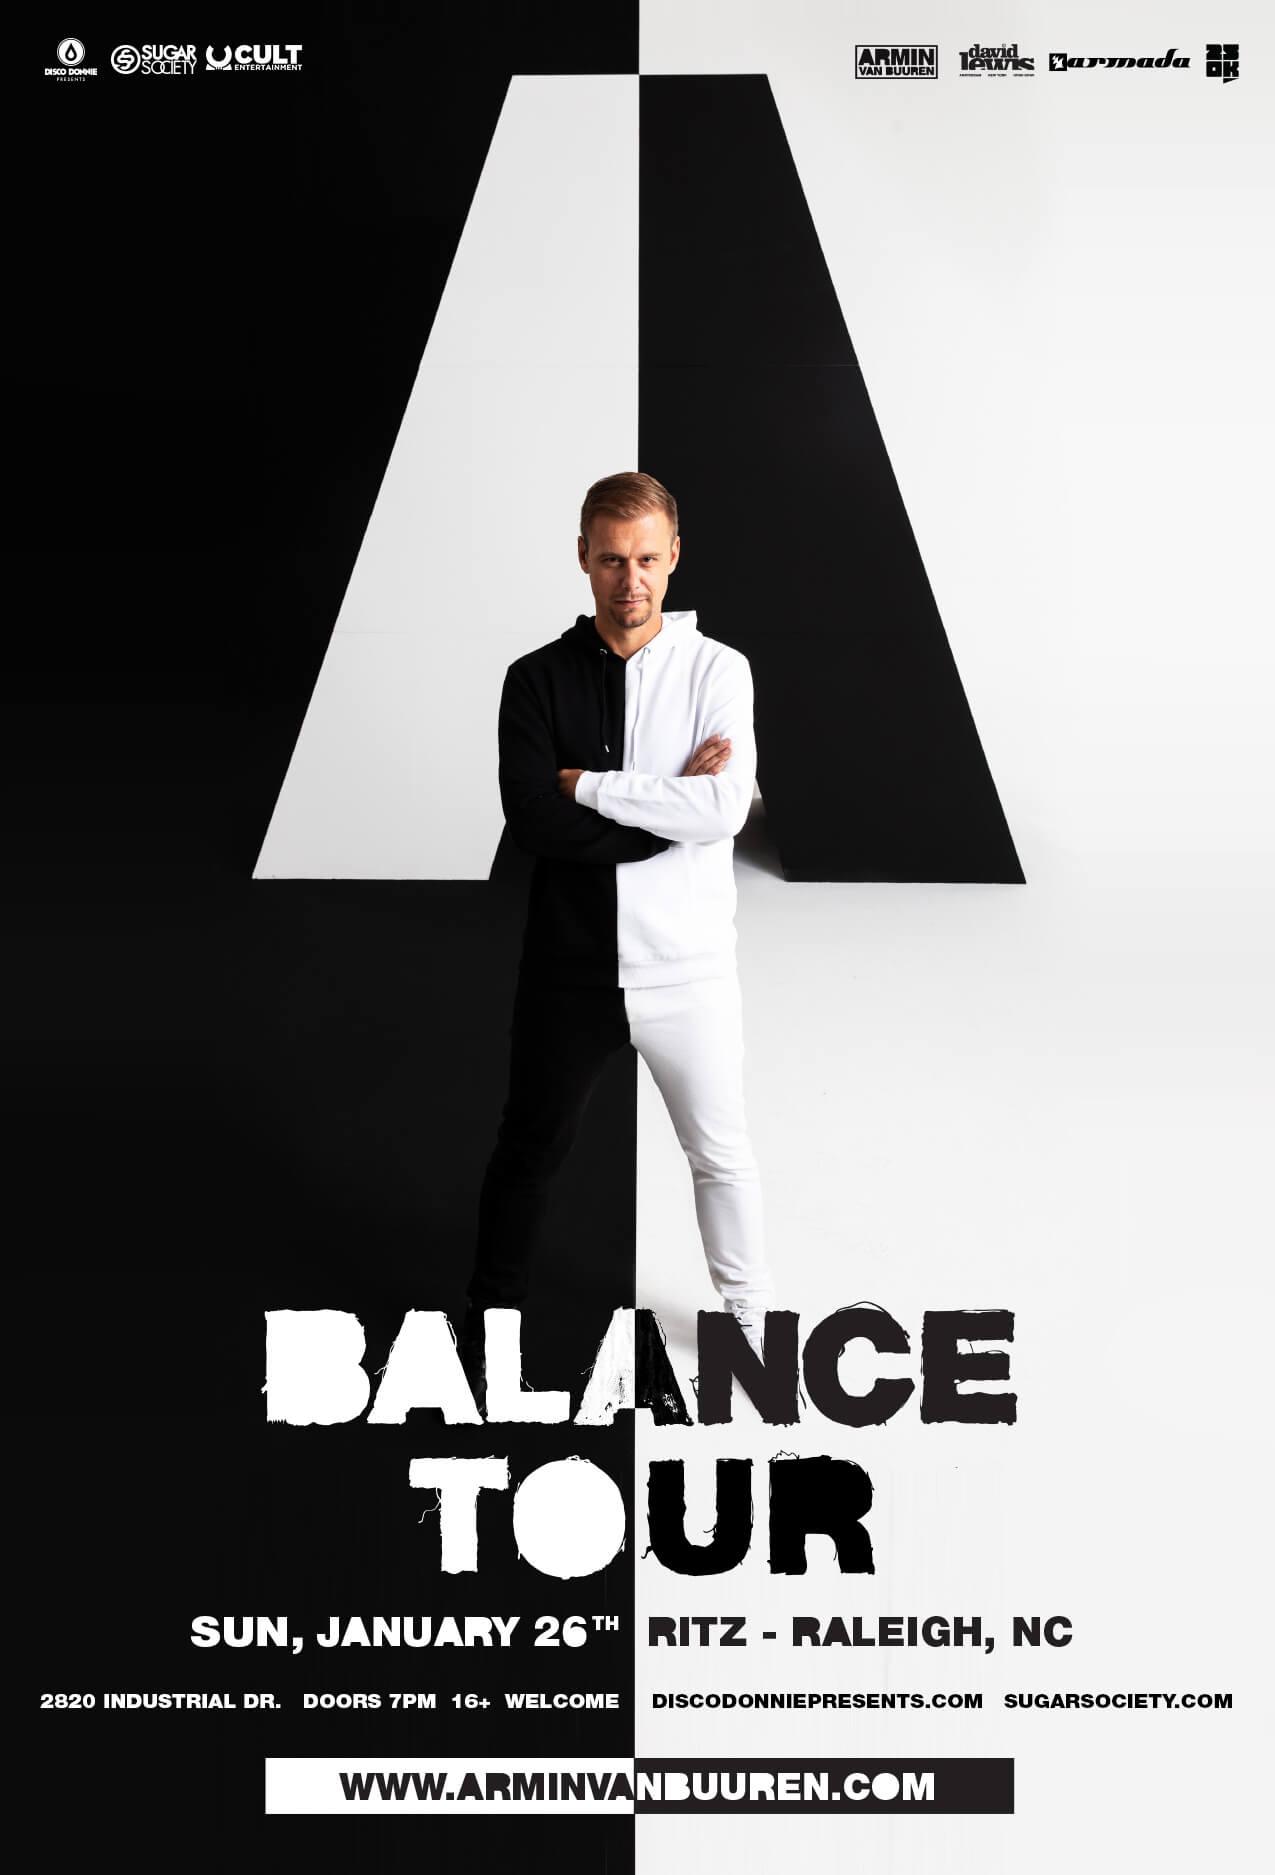 Armin van Buuren in Raleigh